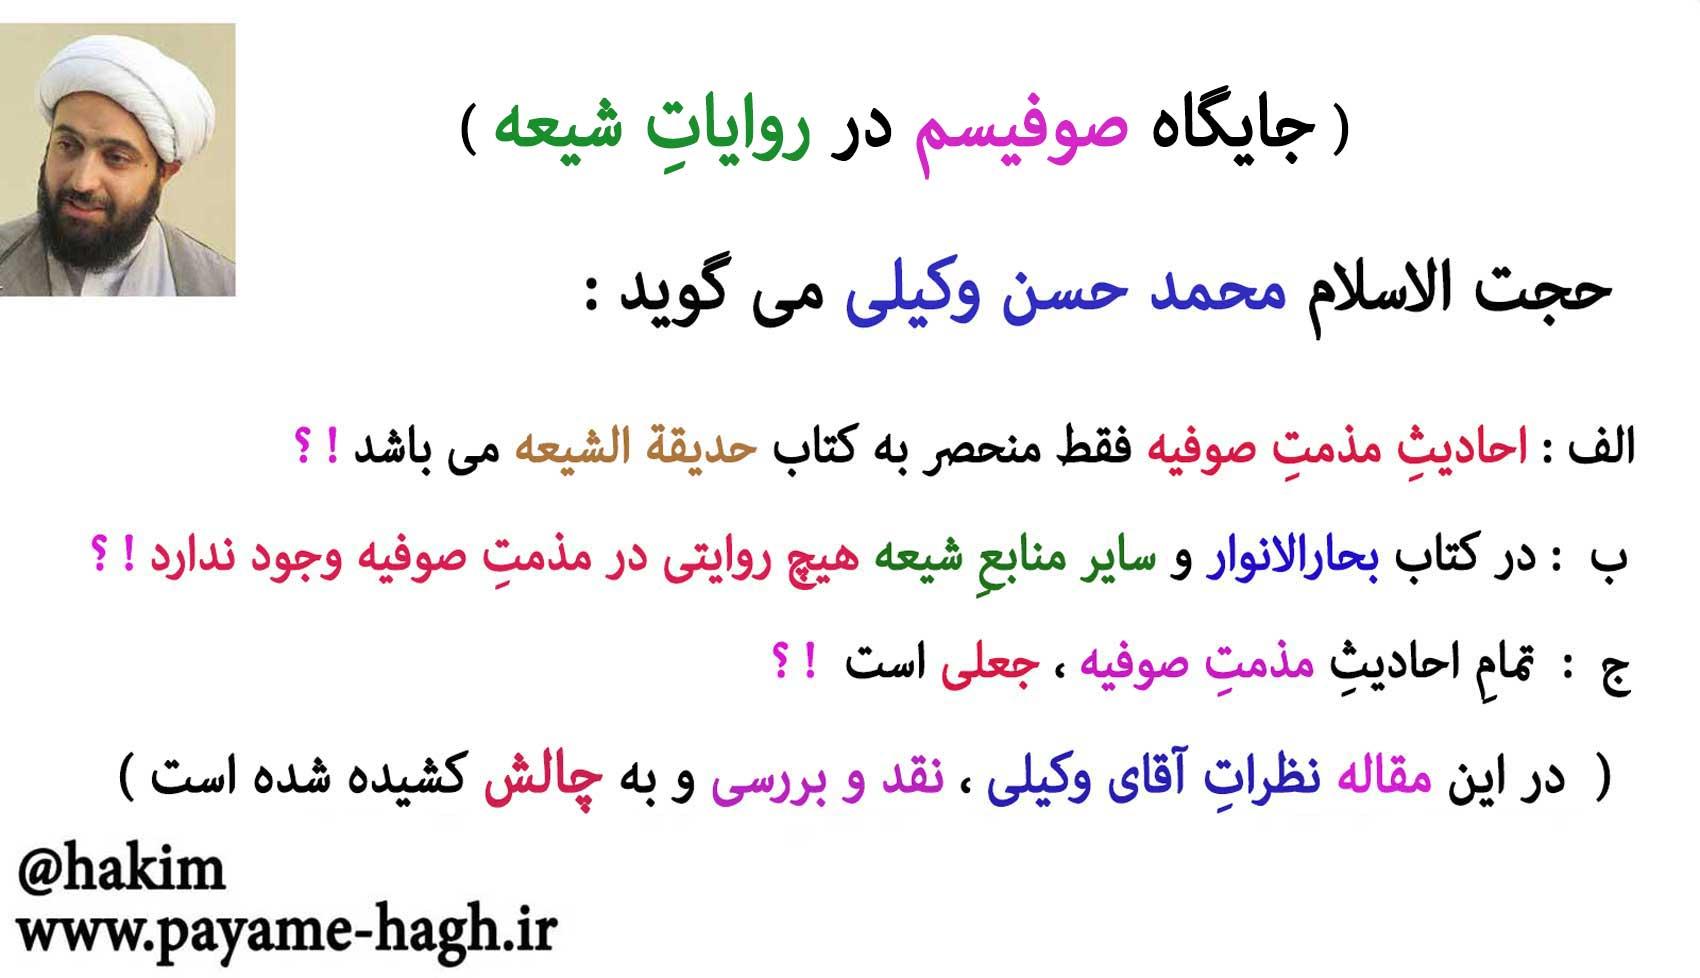 آیا روایات مذمت صوفیه فقط منحصر به کتاب حدیقة الشیعه می باشد